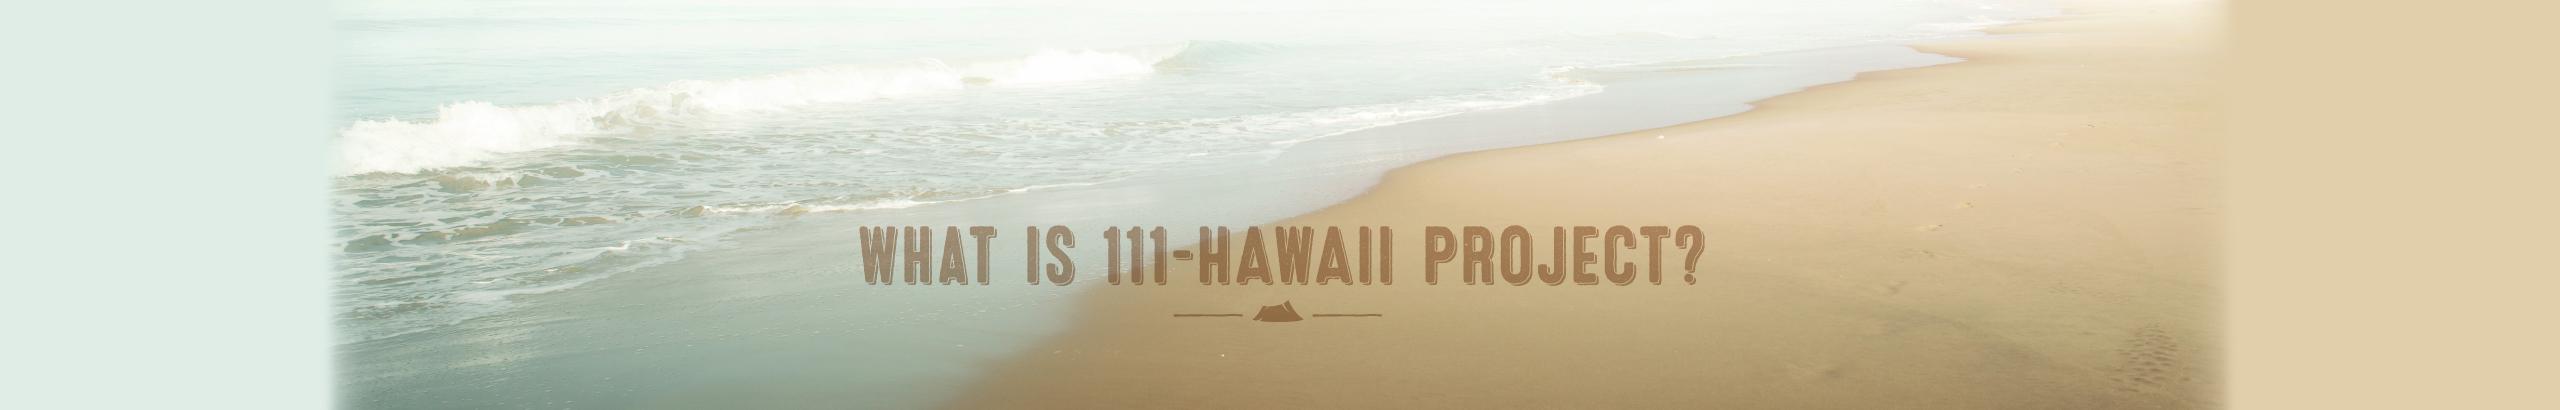 111-ハワイ プロジェクトとは? ハワイ土産のブランド化